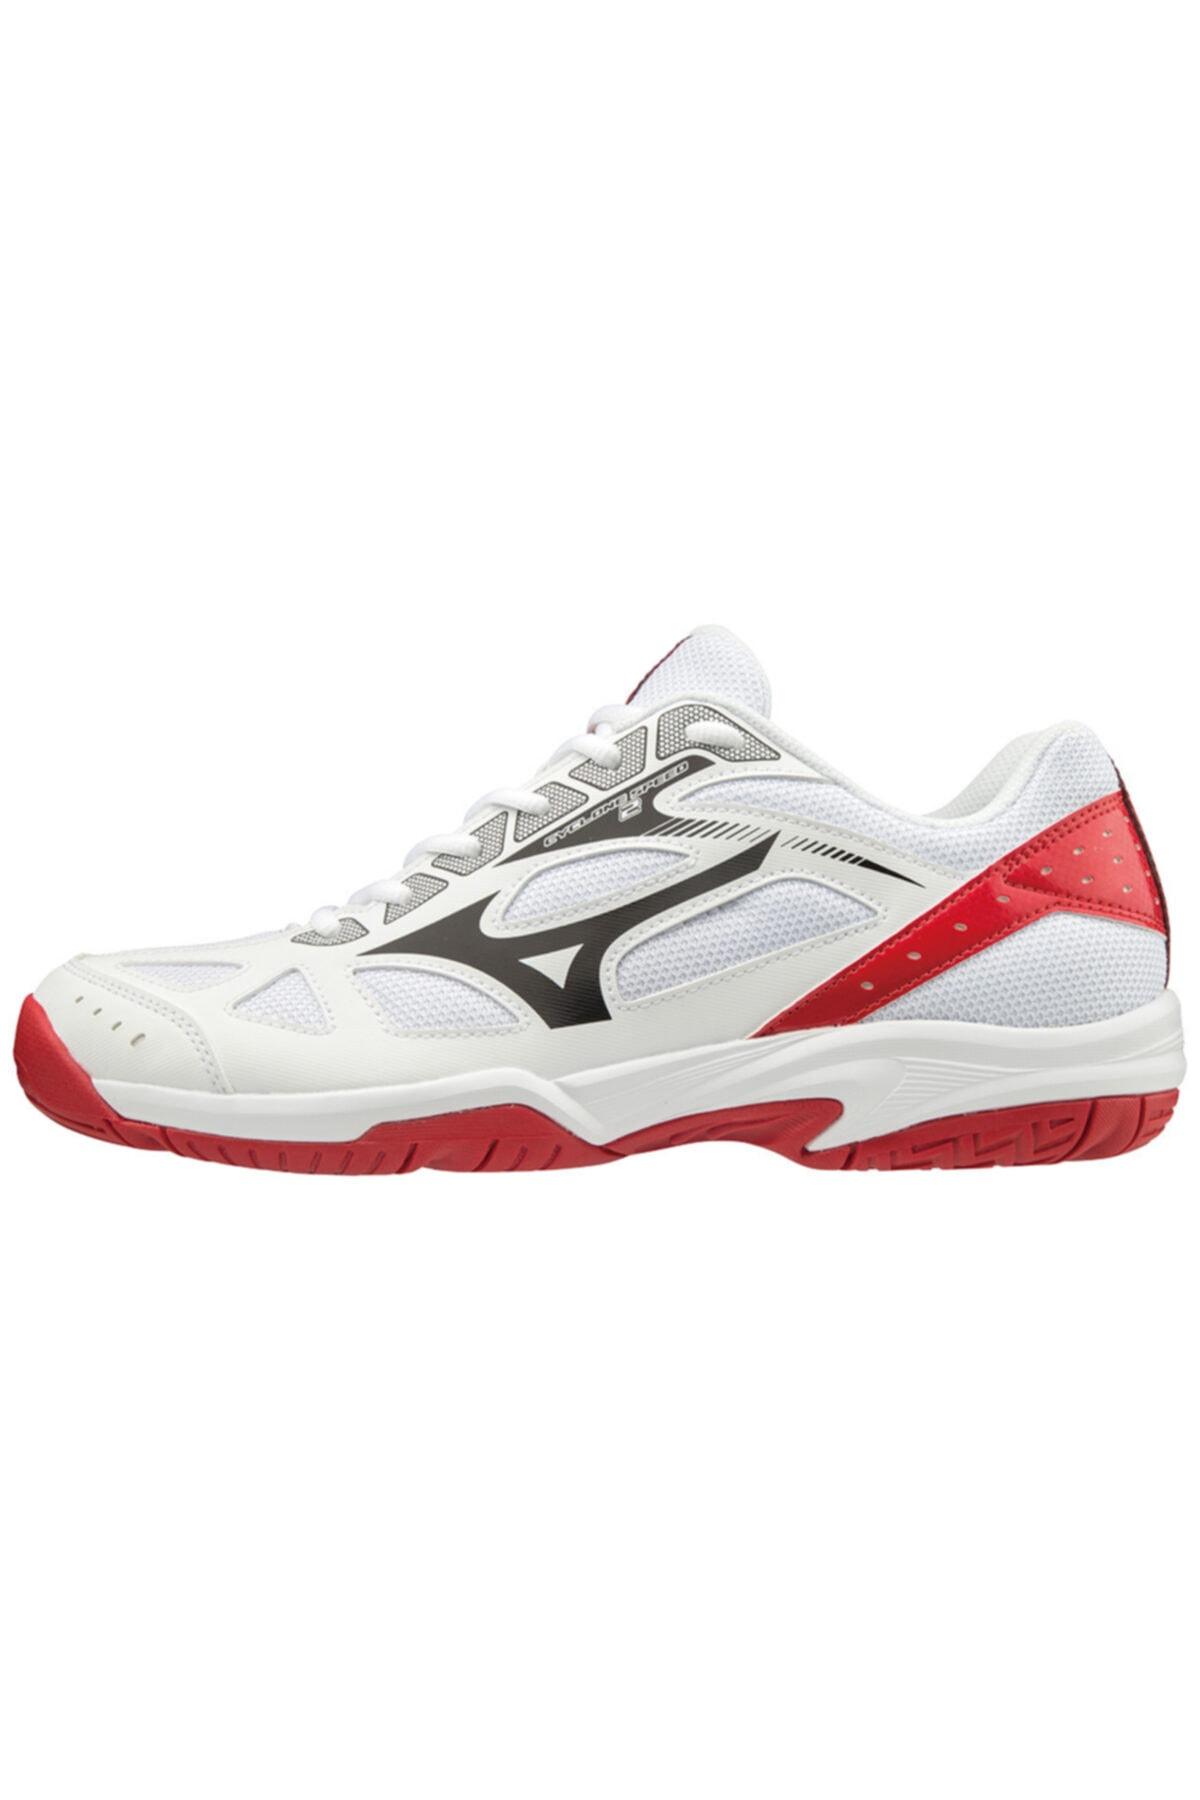 MIZUNO Cyclone Speed 2 Unisex Voleybol Ayakkabısı Beyaz / Kırmızı 1